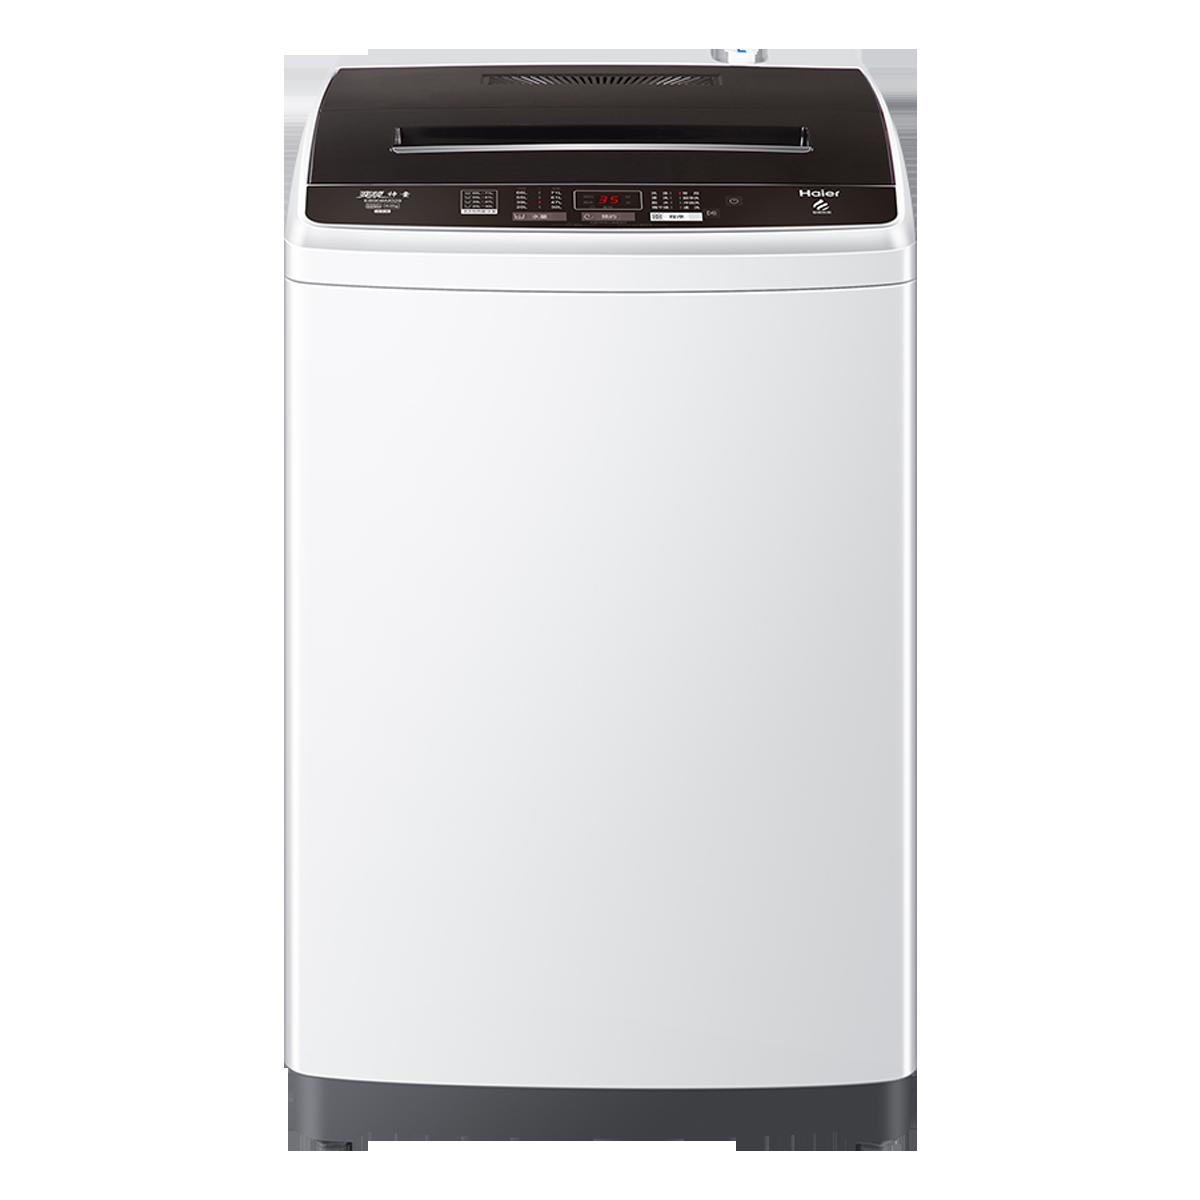 海尔Haier洗衣机 EB90BM029 说明书